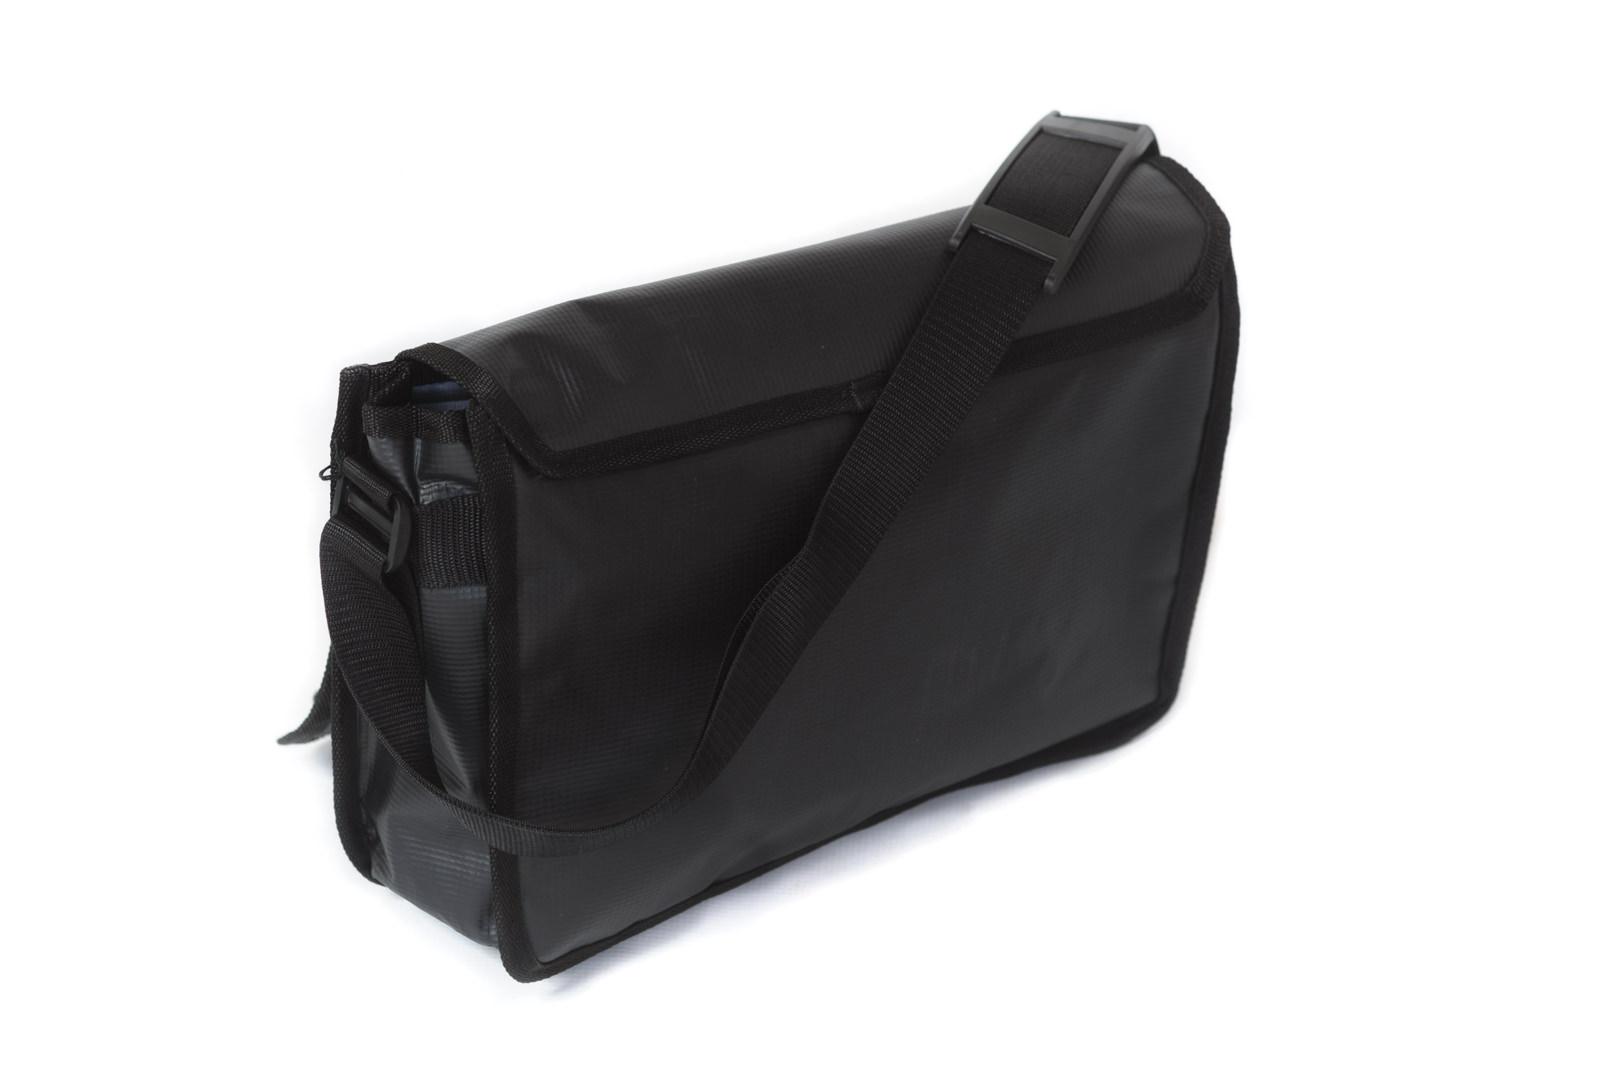 Fancy Laptop Bag with applique